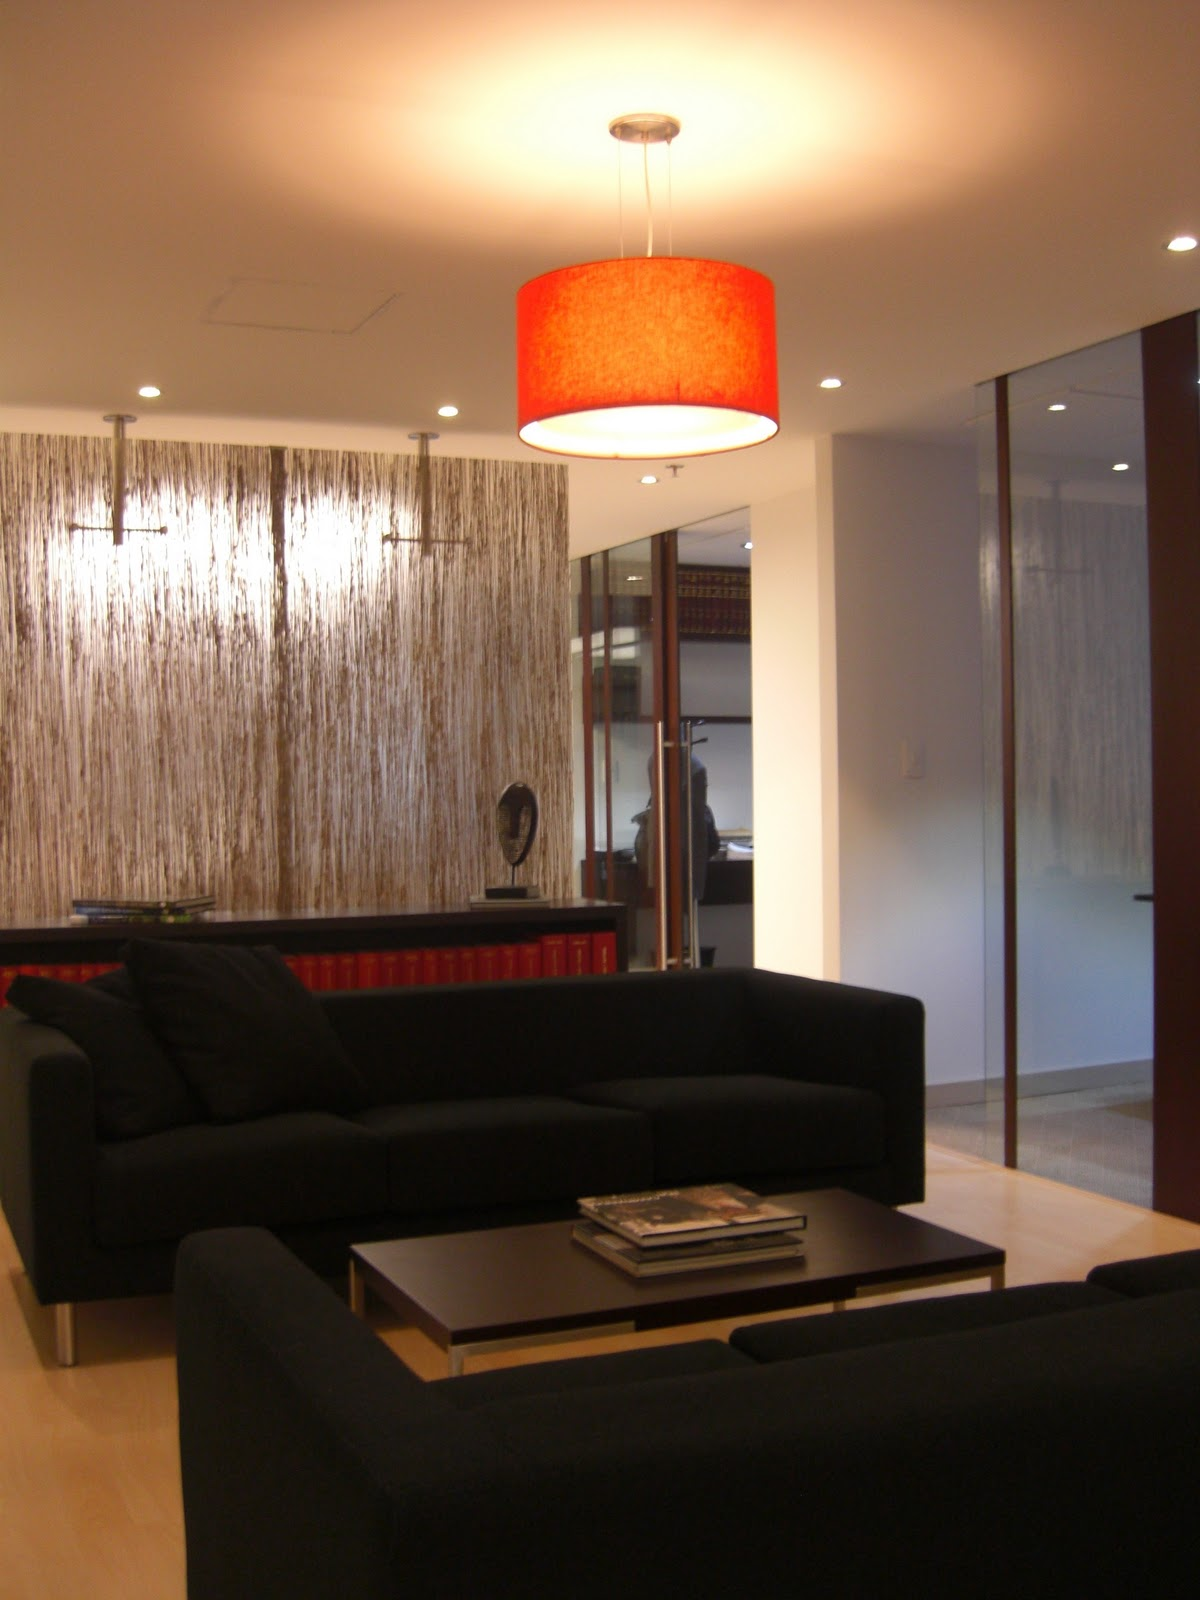 Oficina de abogados color arte dise o decoraci n claudia for Oficinas de abogados decoracion